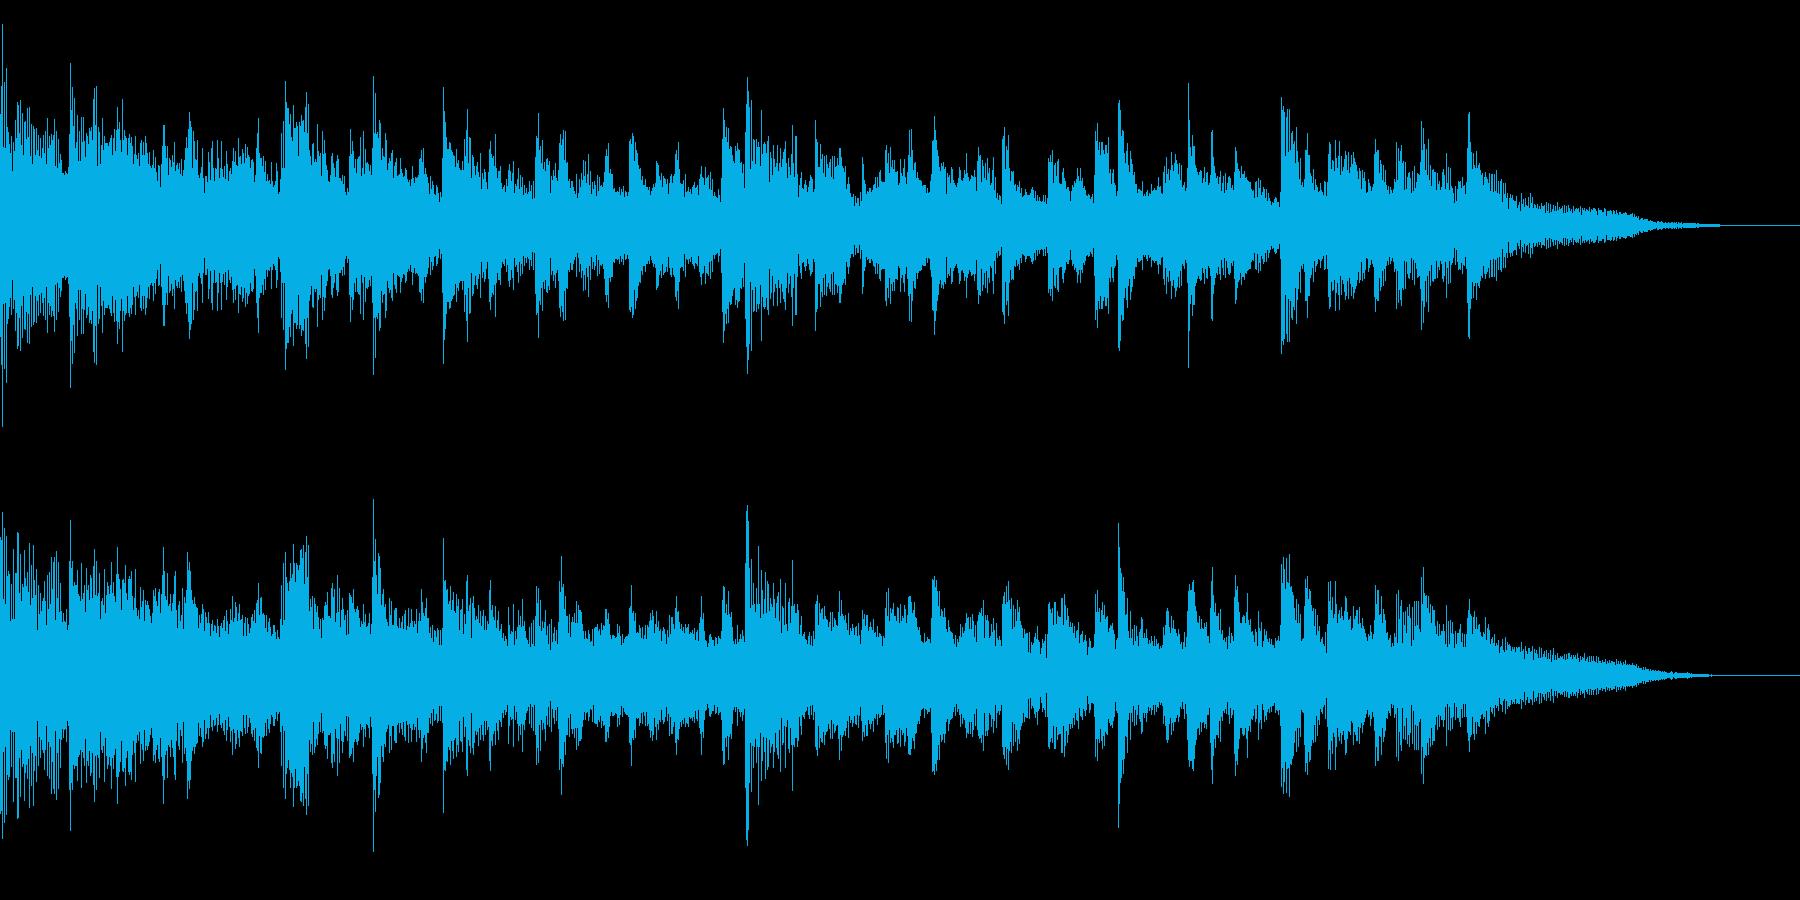 ほのぼのとした雰囲気のBGMの再生済みの波形